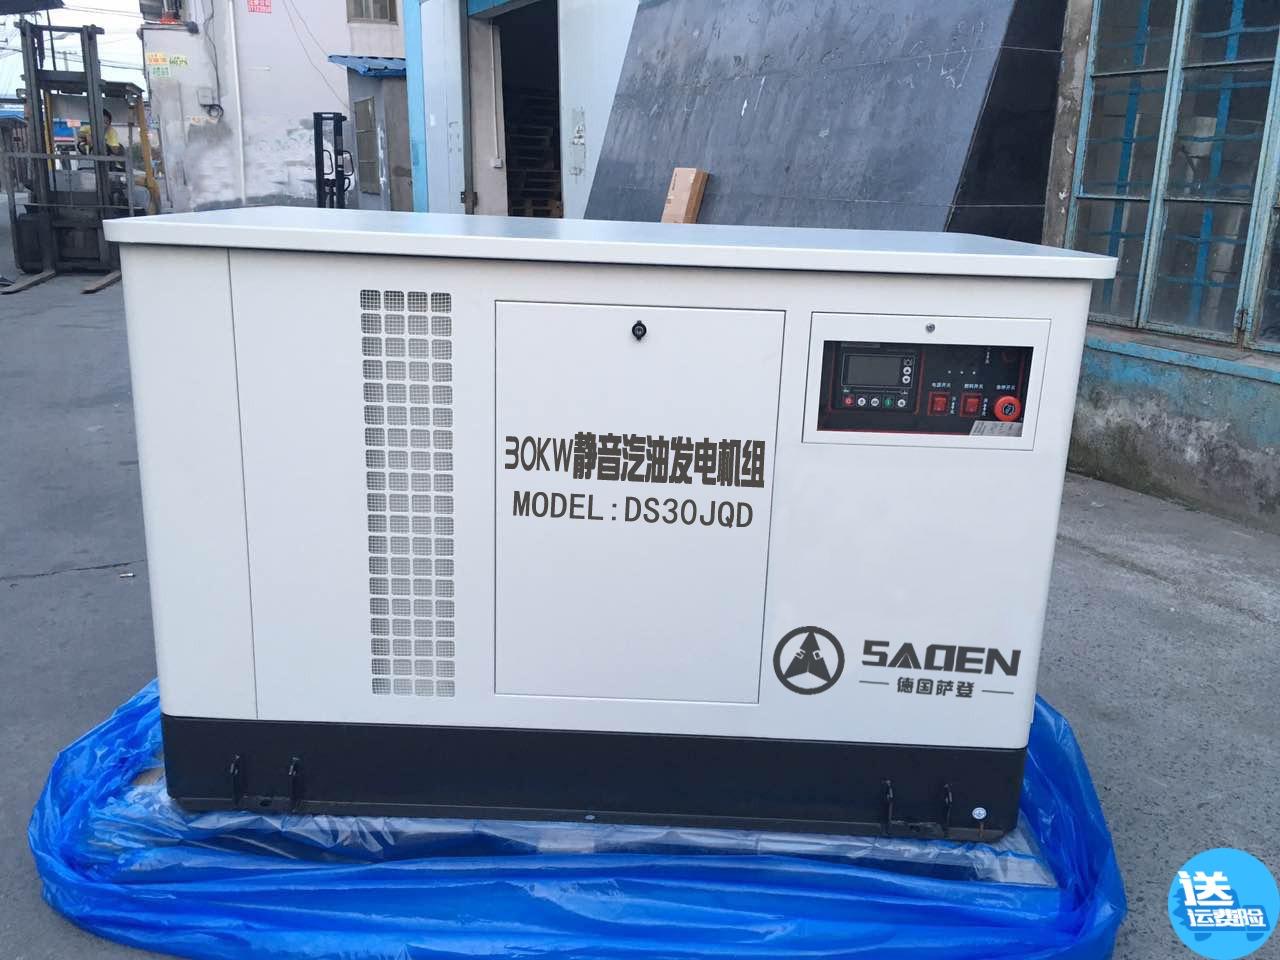 10kw природный сжиженный газ немой генератор домой крупномасштабный однофазный 220v масло газ двойной склад логистика бодхисаттва подниматься